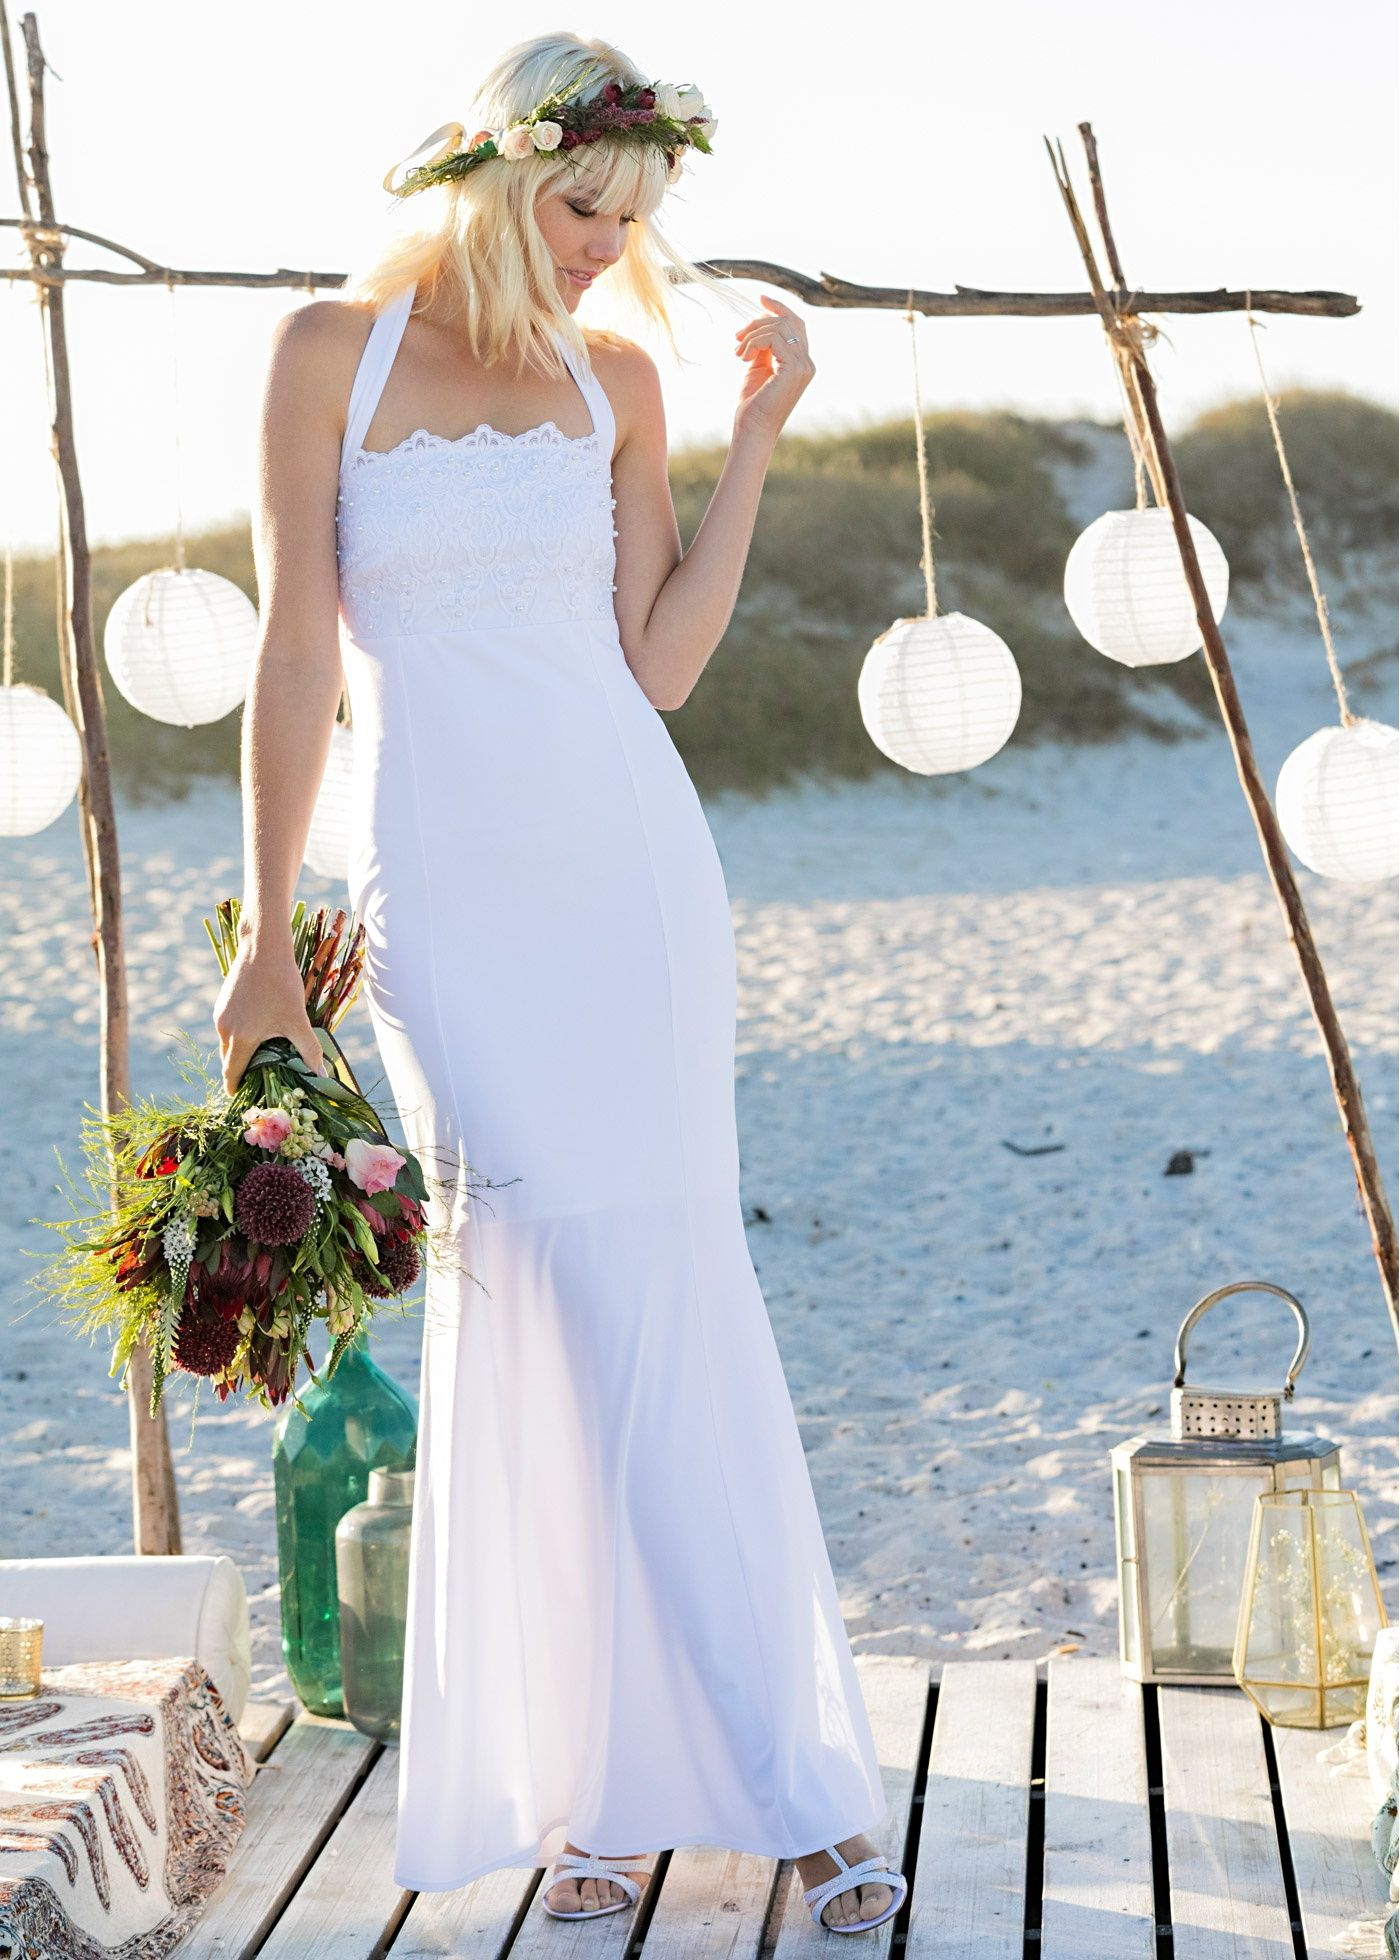 Hochzeitskleid weiß - BODYFLIRT boutique jetzt im Online Shop von